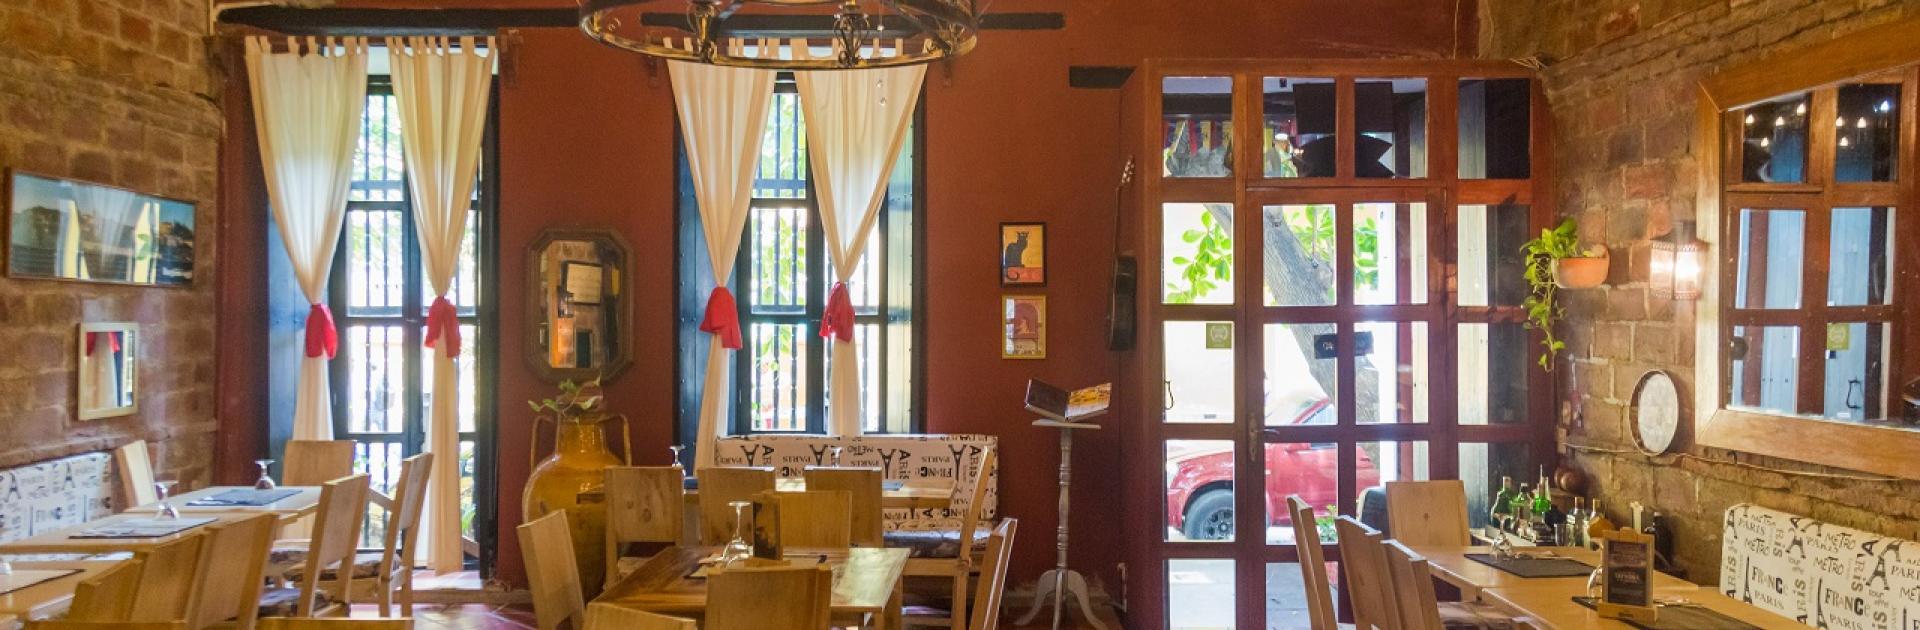 Restaurante Fama Bar Fusión en el Hotel Casa de Las Palmas, participante de Dónde Restaurant Week 2019 en Cartagena de Indias